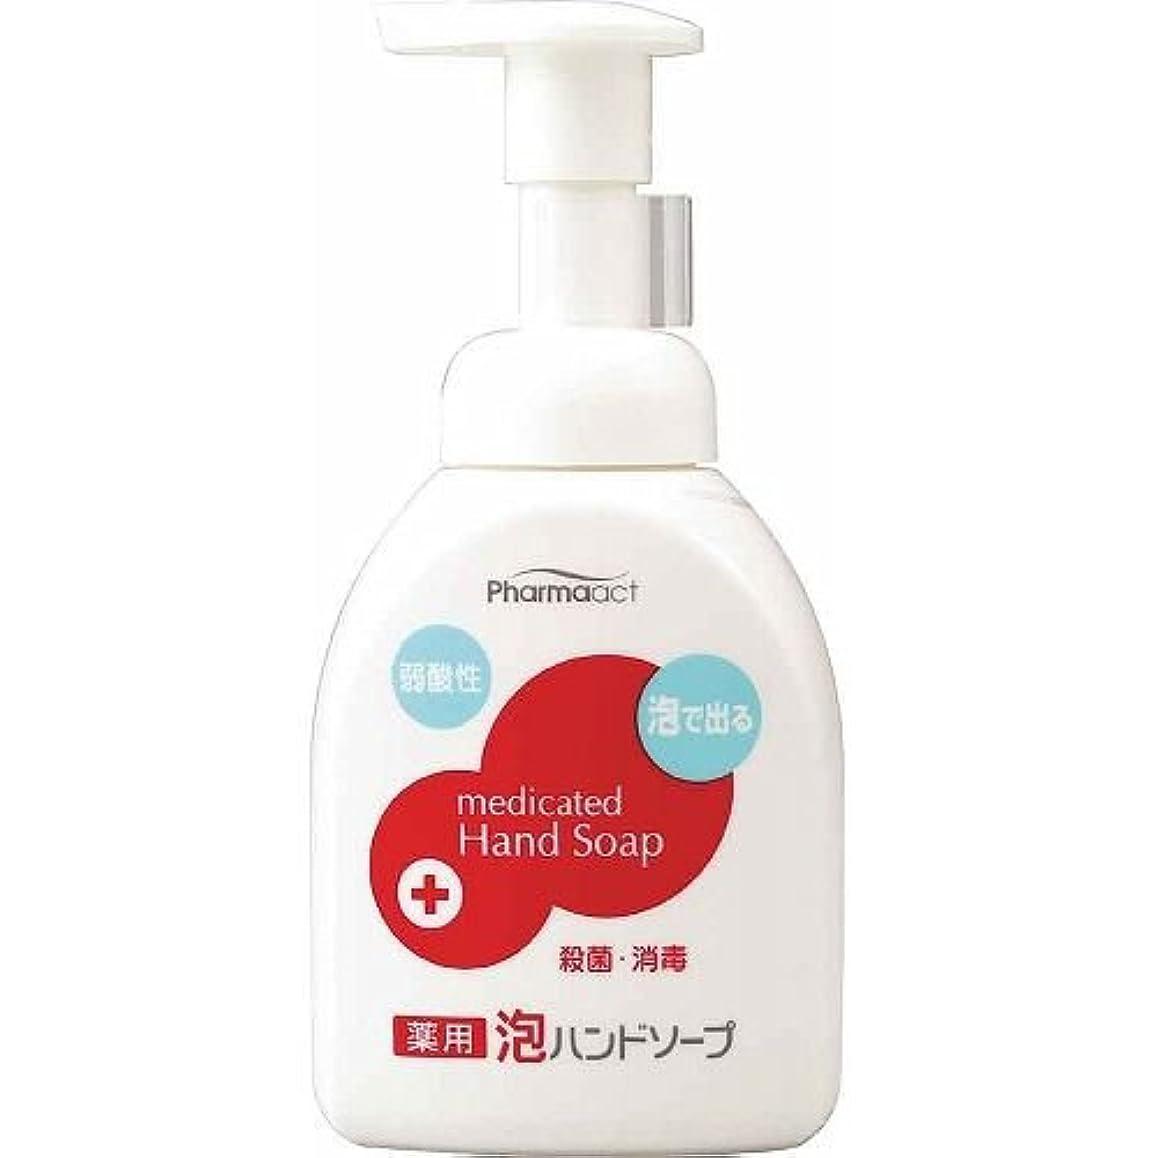 【まとめ買い】ファーマアクト 弱酸性薬用泡ハンドソープボトル 250ml ×9個